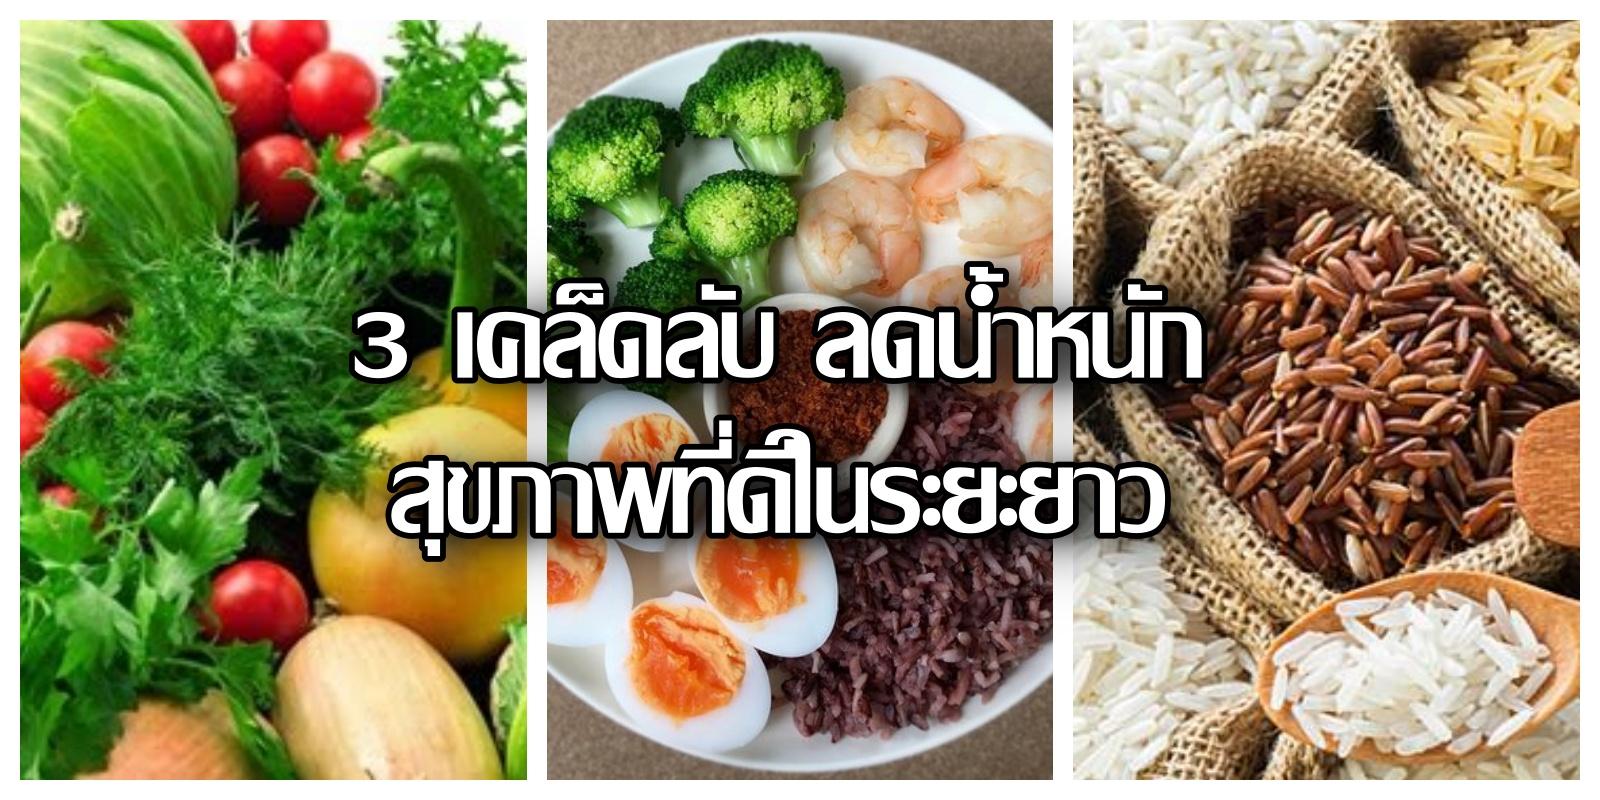 3 เคล็ดลับ การลดน้ำหนัก ให้ได้ผลเพื่อสุขภาพที่ดี